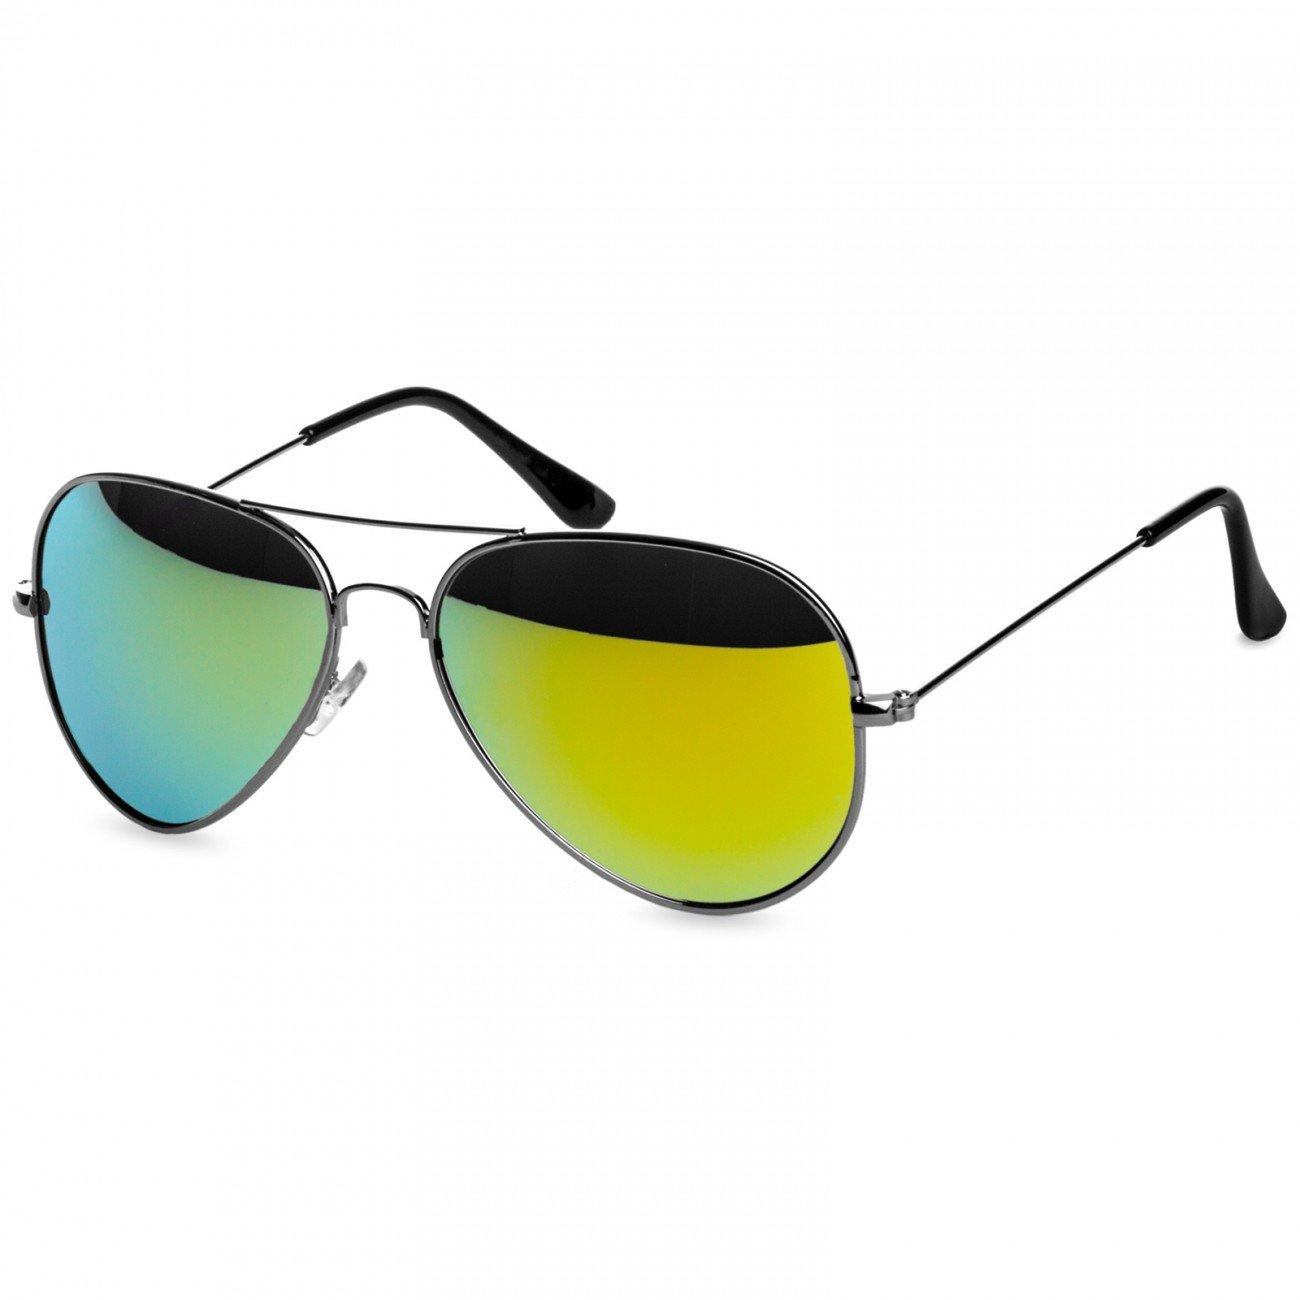 CASPAR PREMIUM Unisex Classic Aviator Pilotenbrille / Sonnenbrille - viele Varianten - SG032, Farbe:schwarz / schwarz